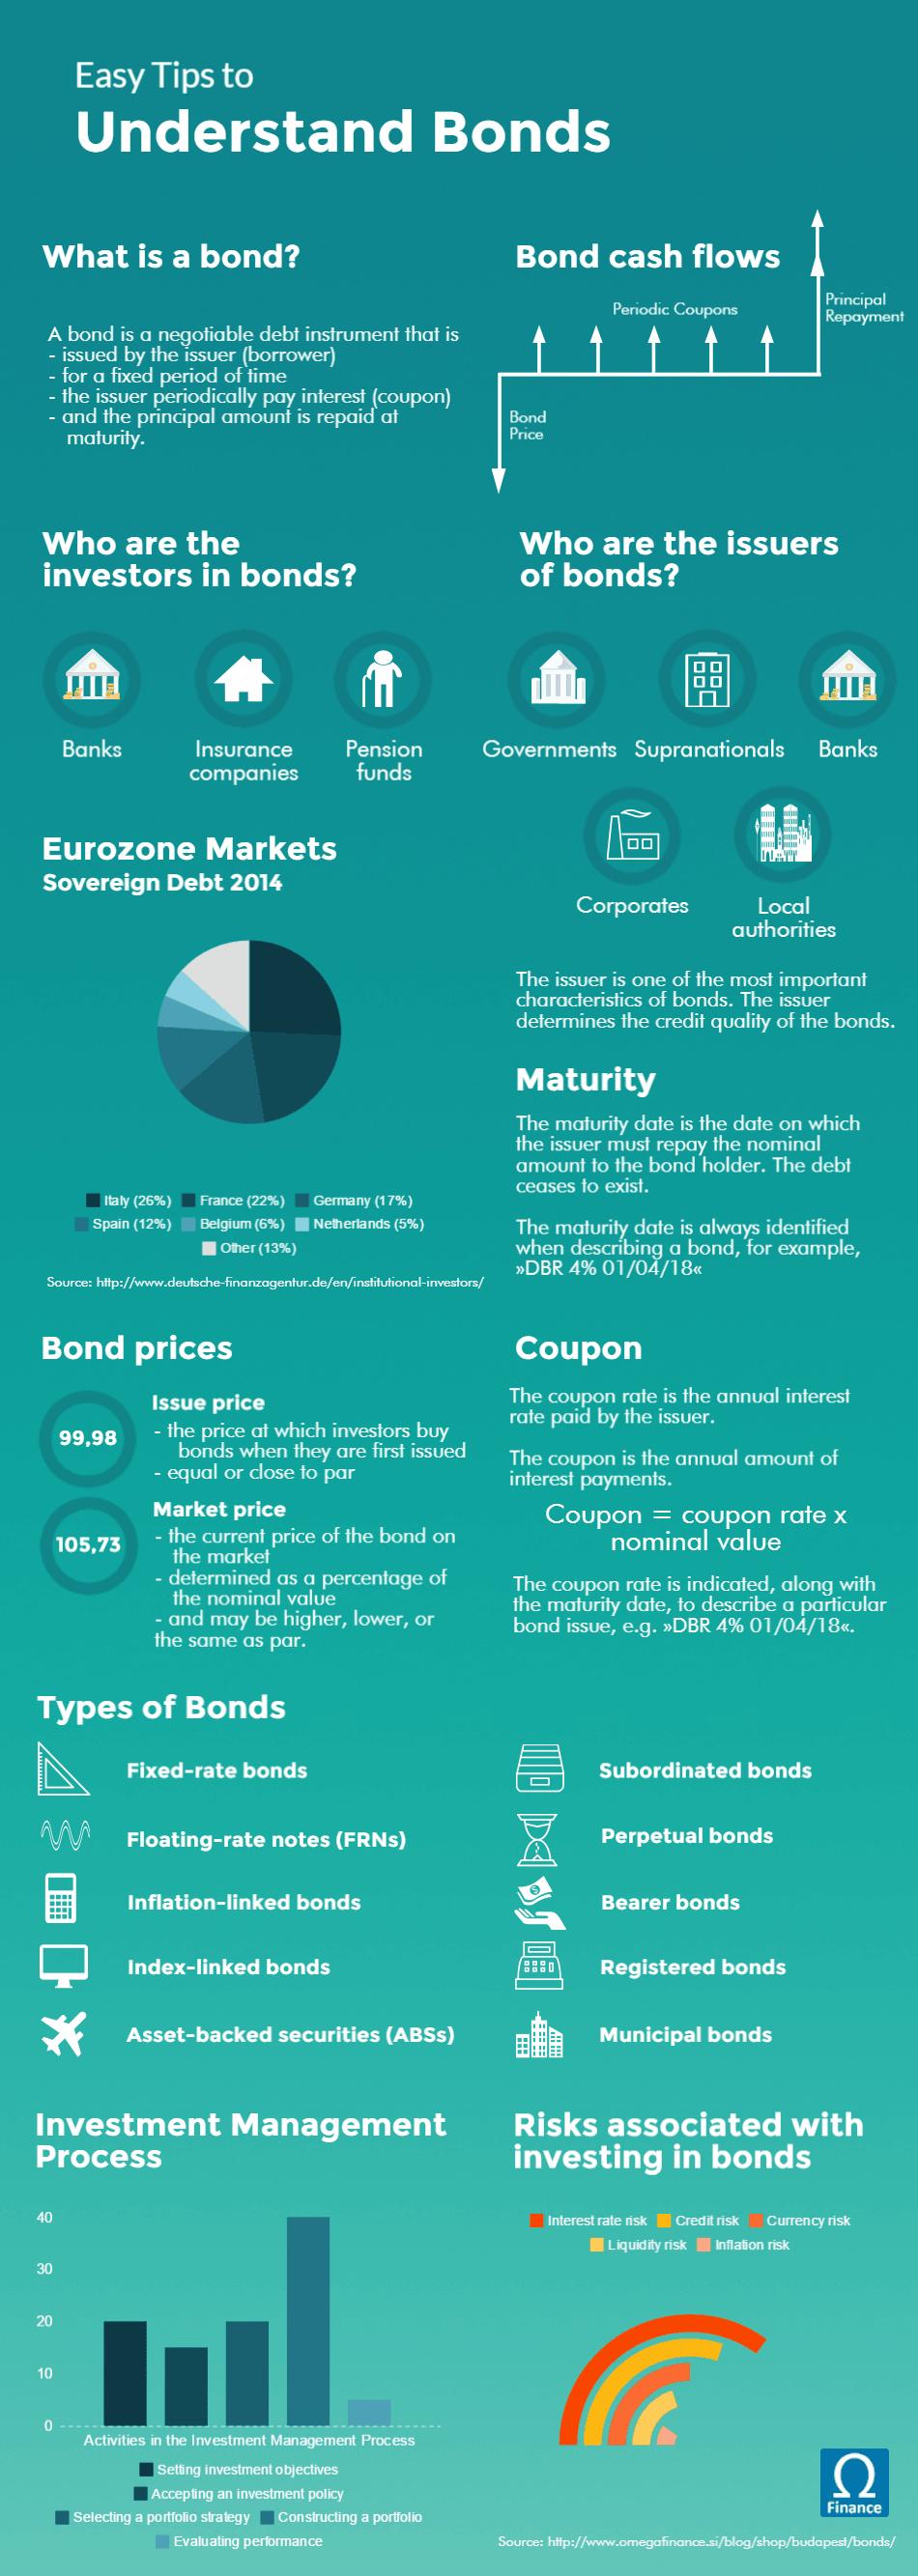 Easy Tips to Understand Bonds